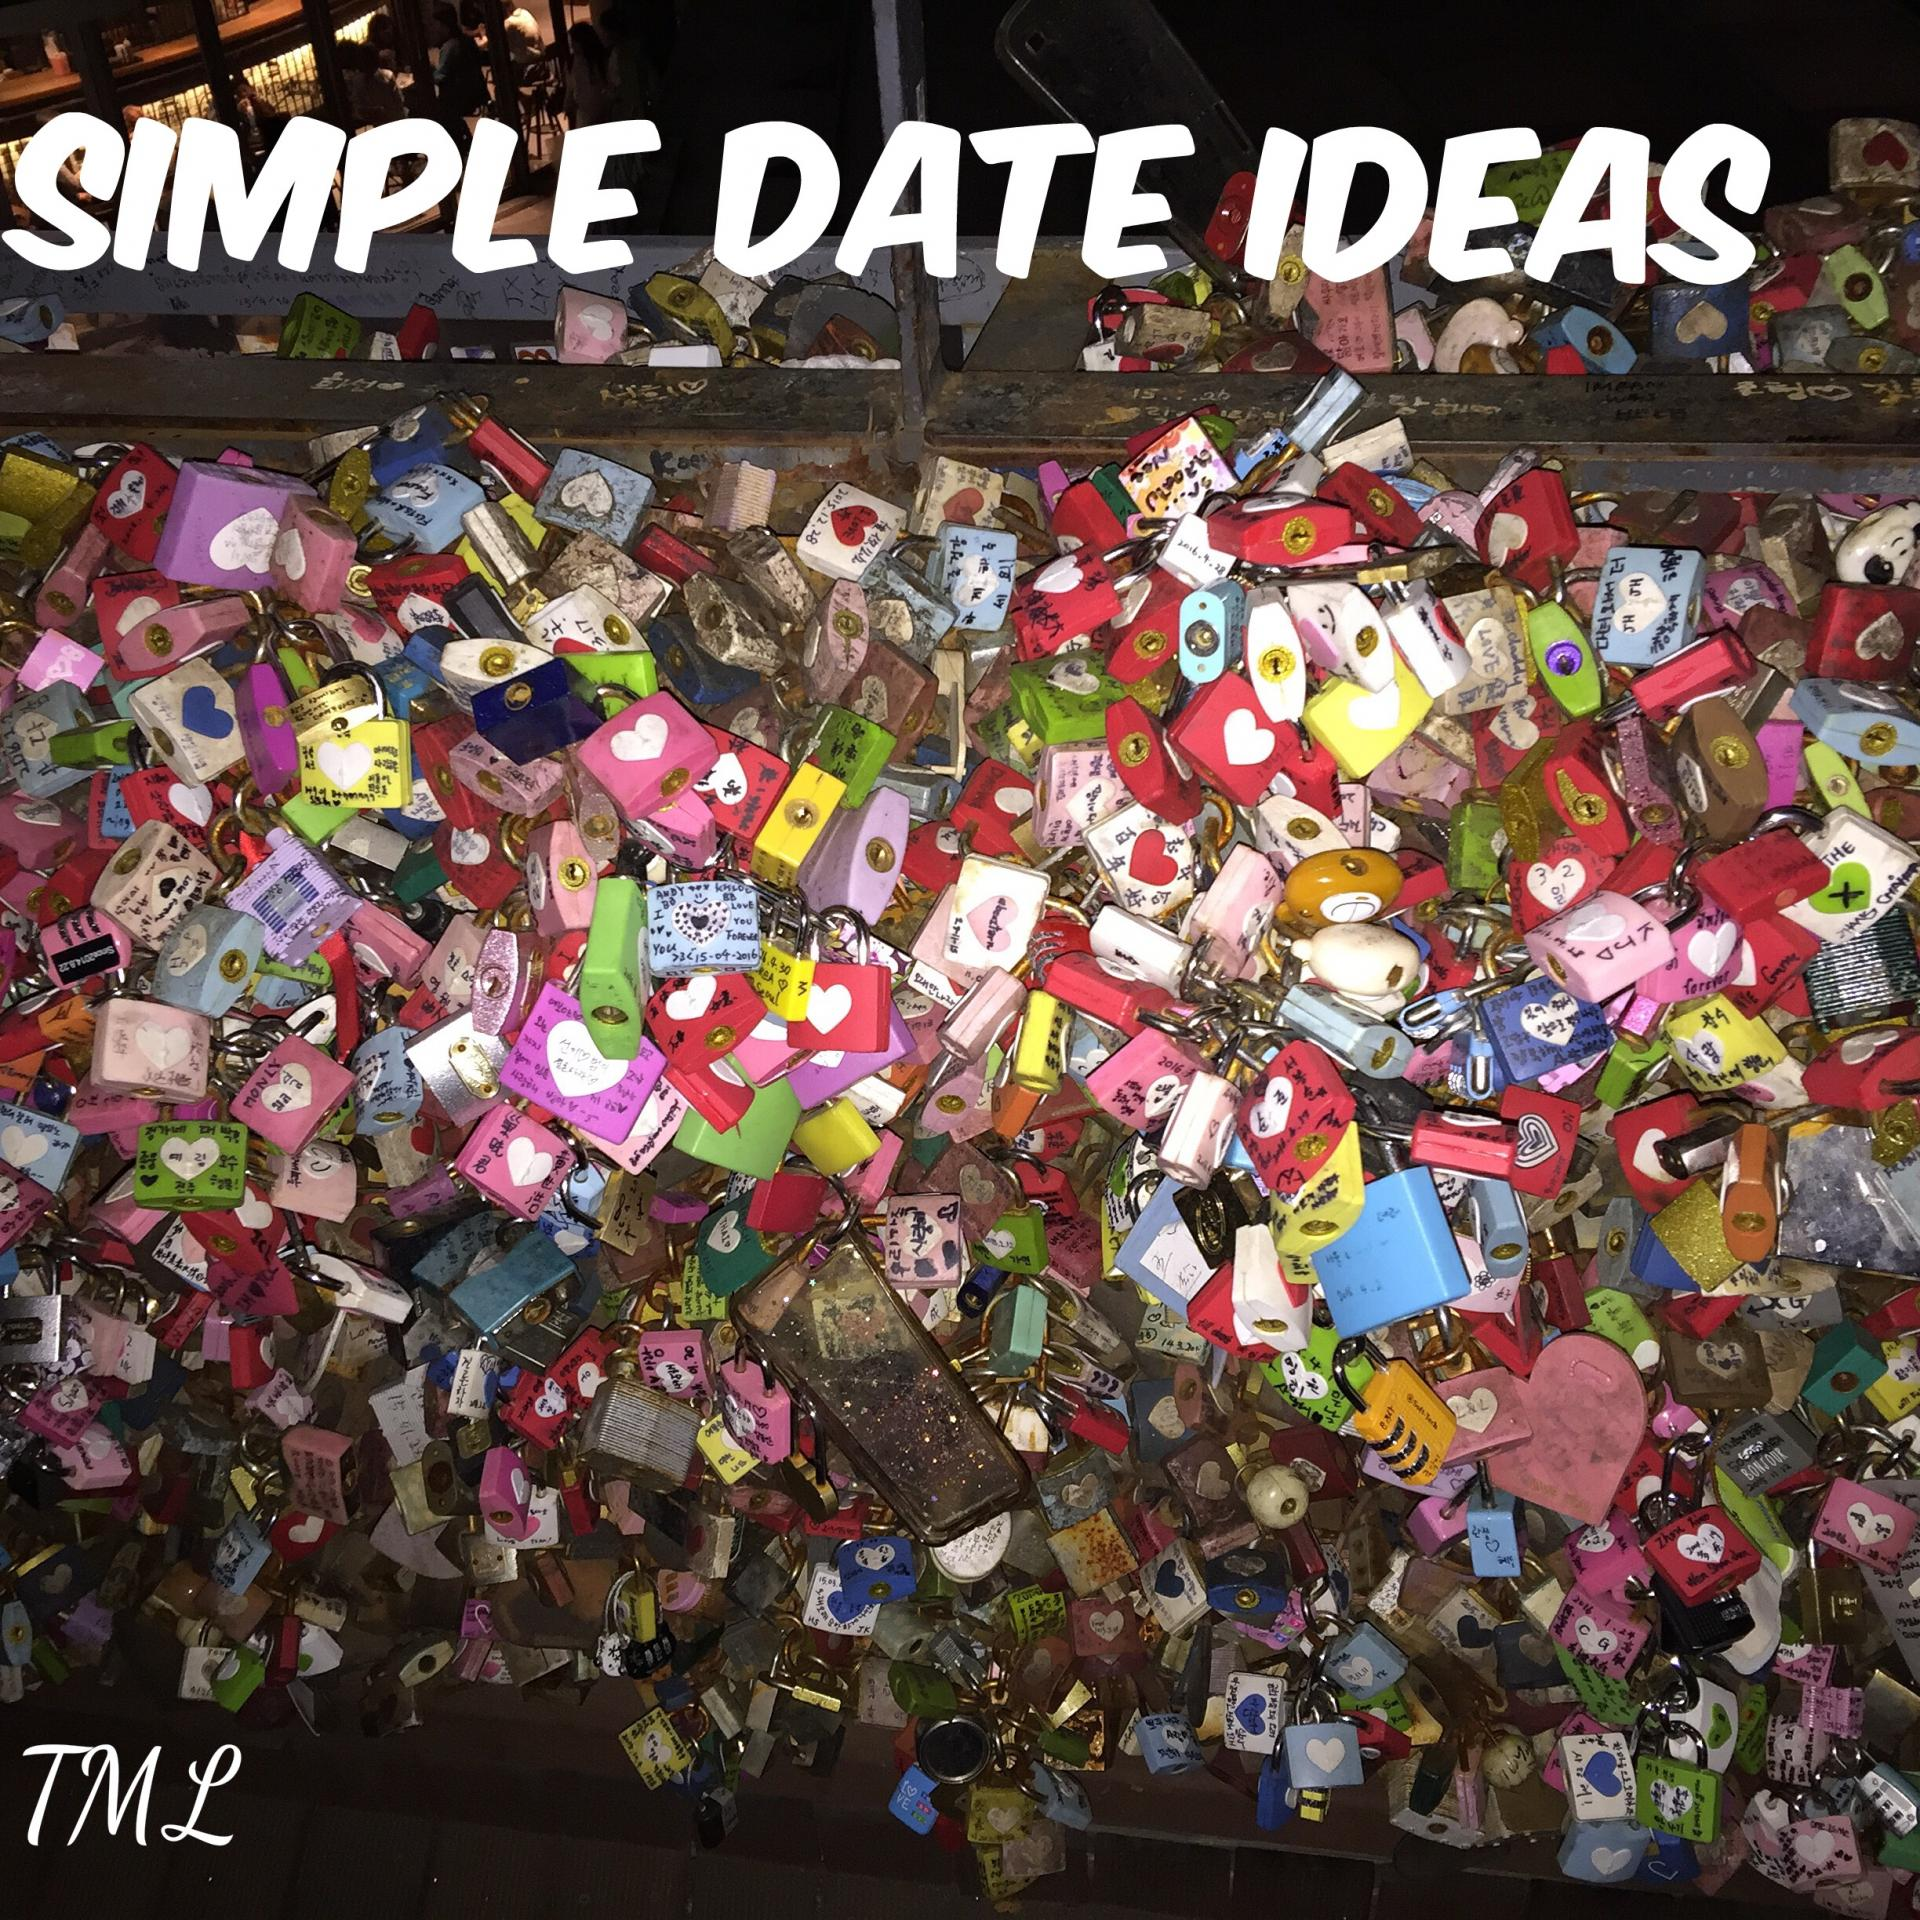 Simple date ideas